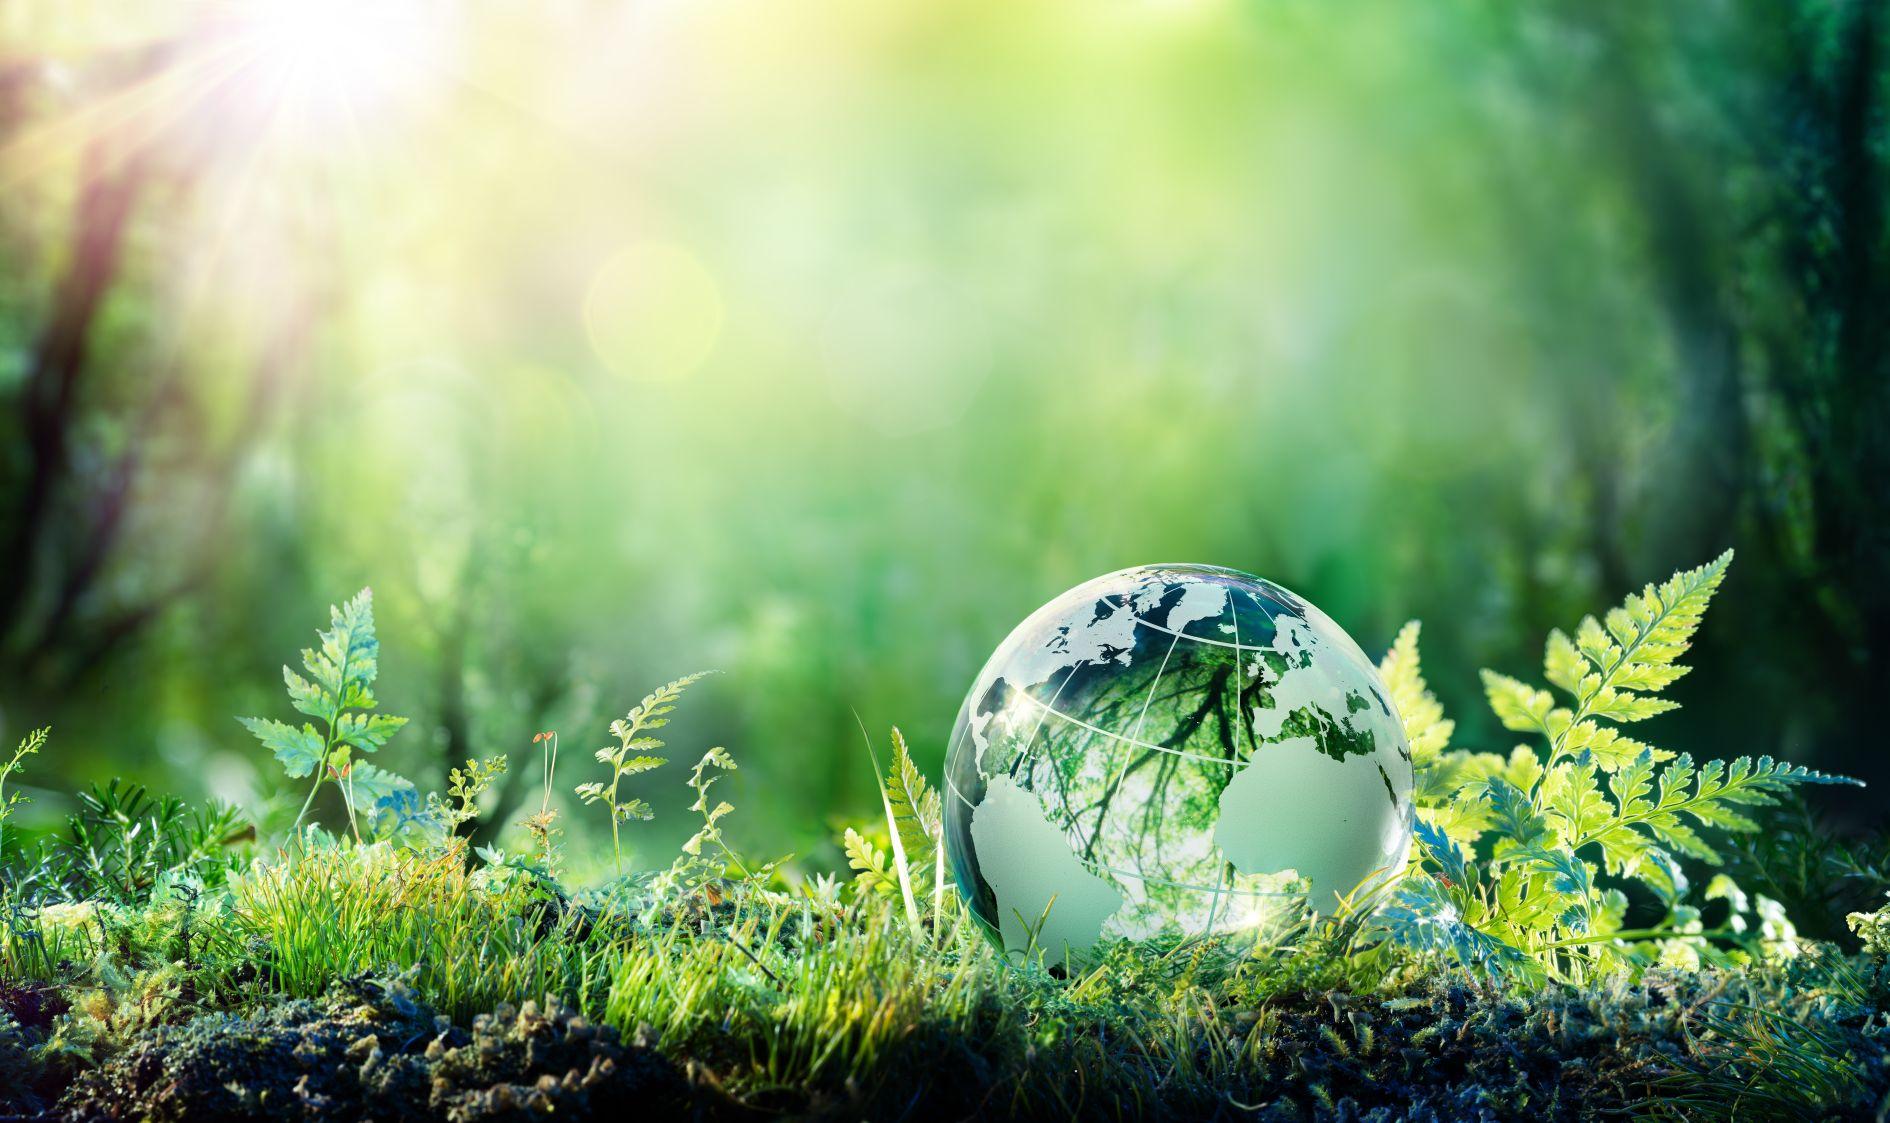 Zeigt eine winzige Erdkugel aus Glas, eingebettet in eine vielfältige Graslandschaft. Symbolbild für die weltweit möglichen Bezugsquellen von umweltfreundlichen Produkten der Minimalmengenschmierung von Unilube.